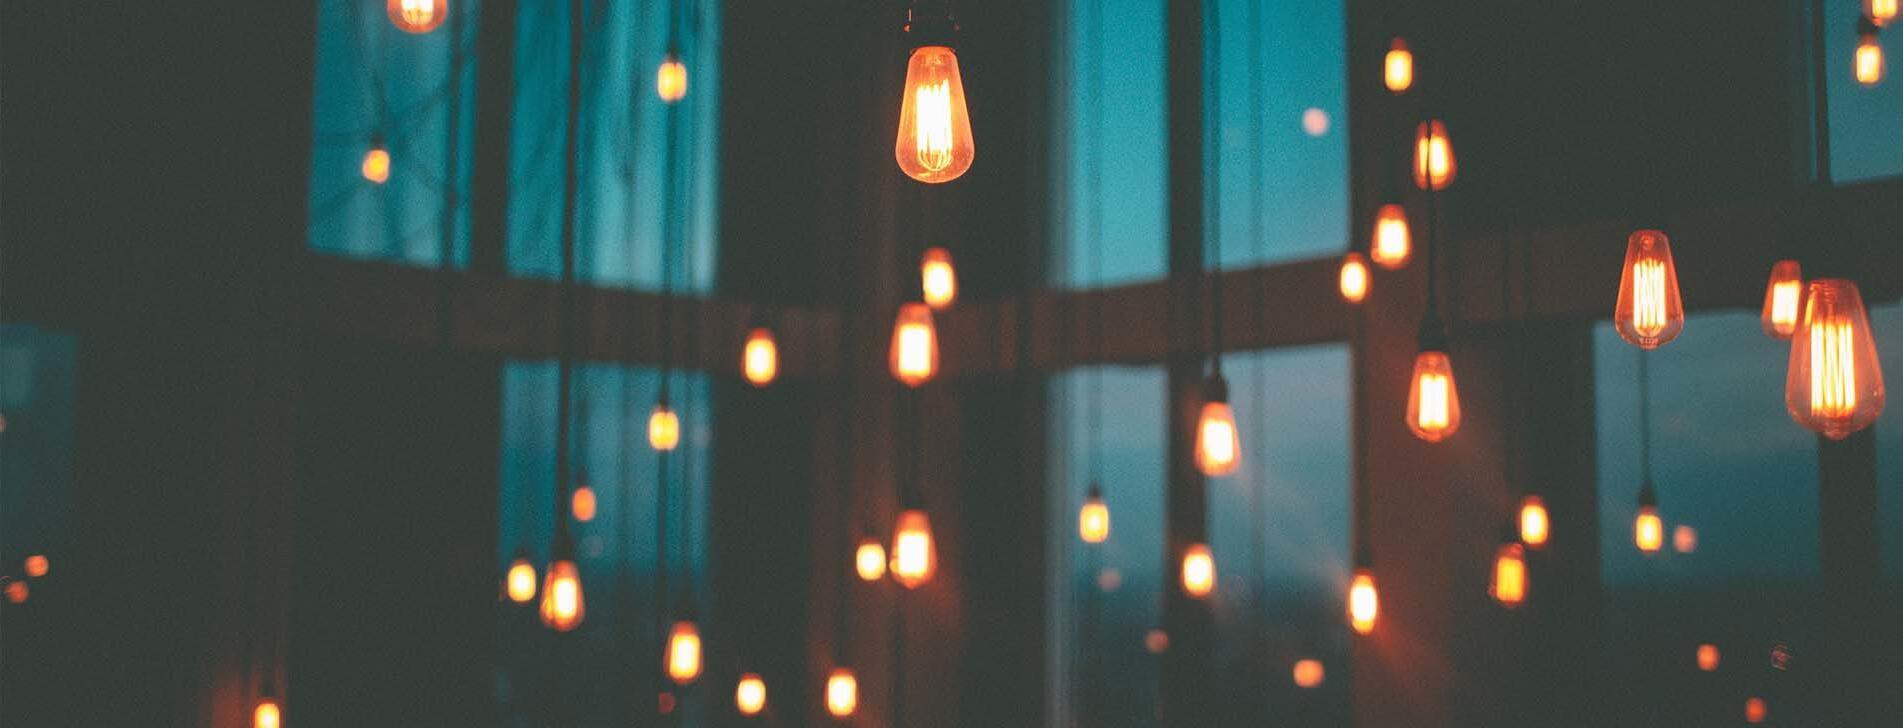 Quelle couleur de lumière pour un salon ?